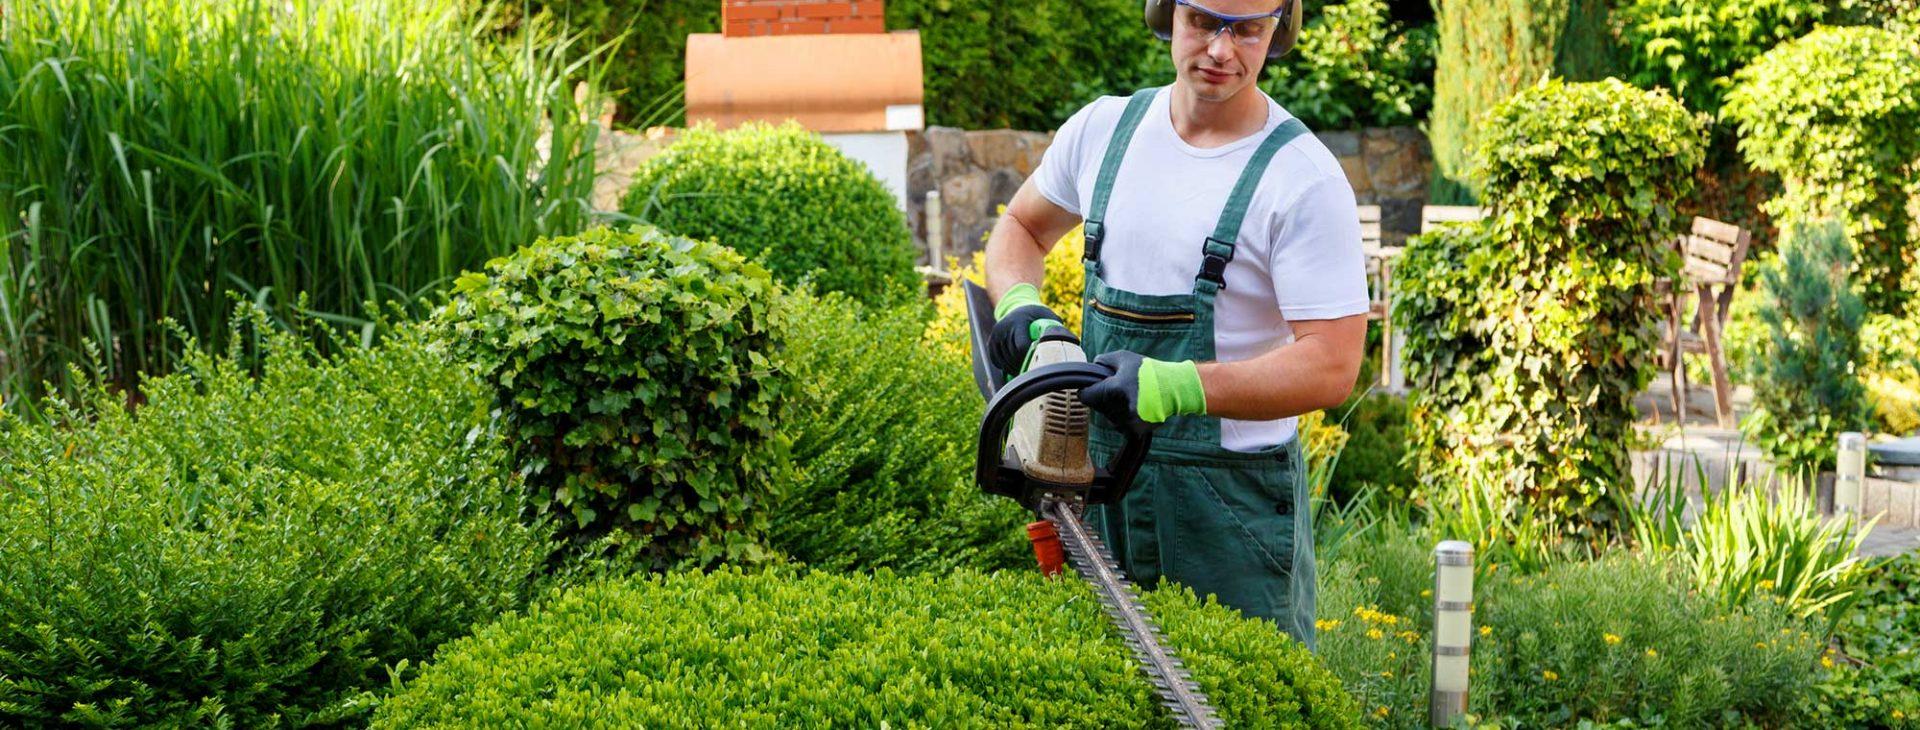 Wir sind seit 1979 im Garten-  und Landschaftsbau tätig...